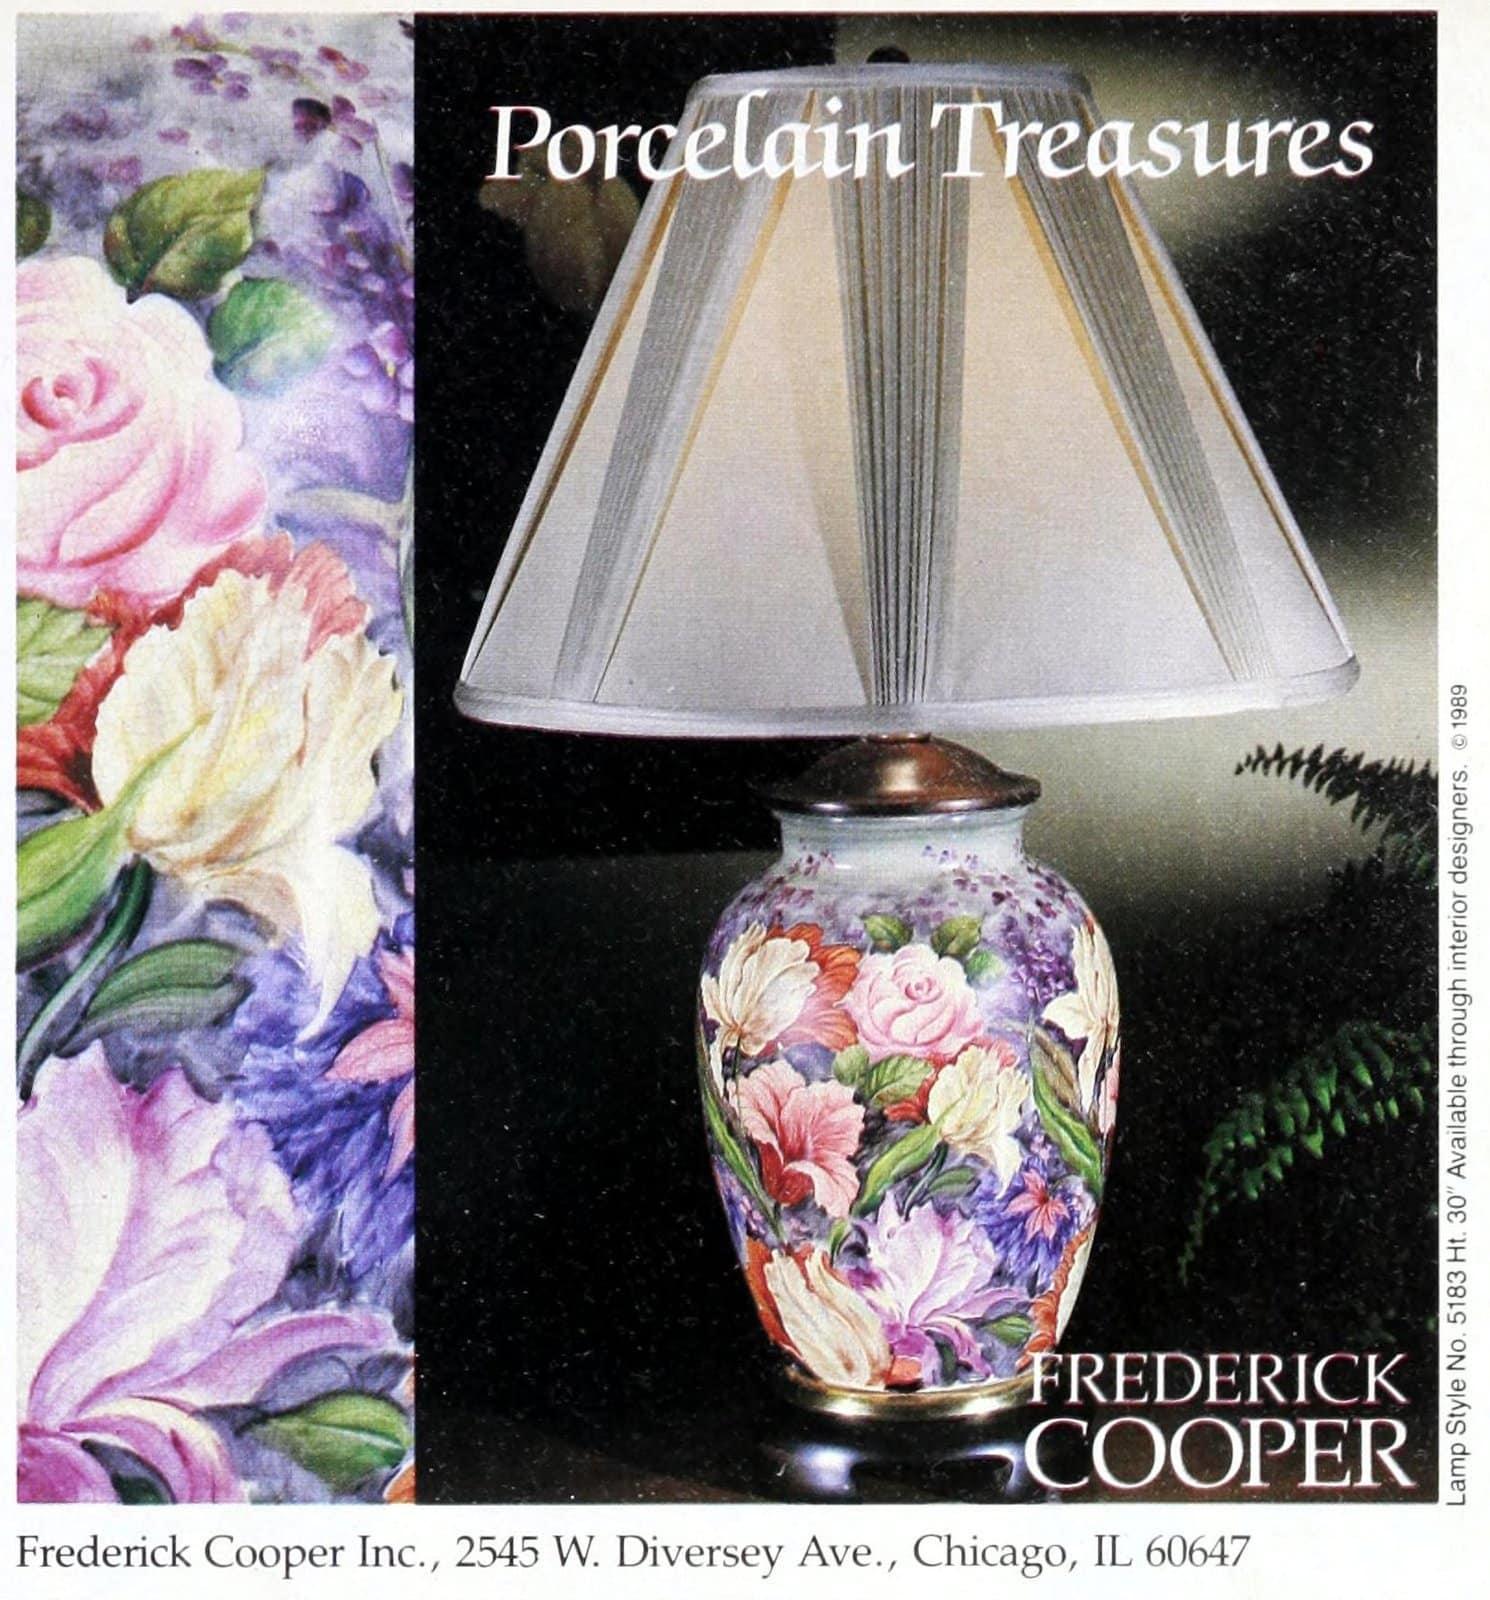 Vintage Frederick Cooper floral porcelain table lamp (1989)